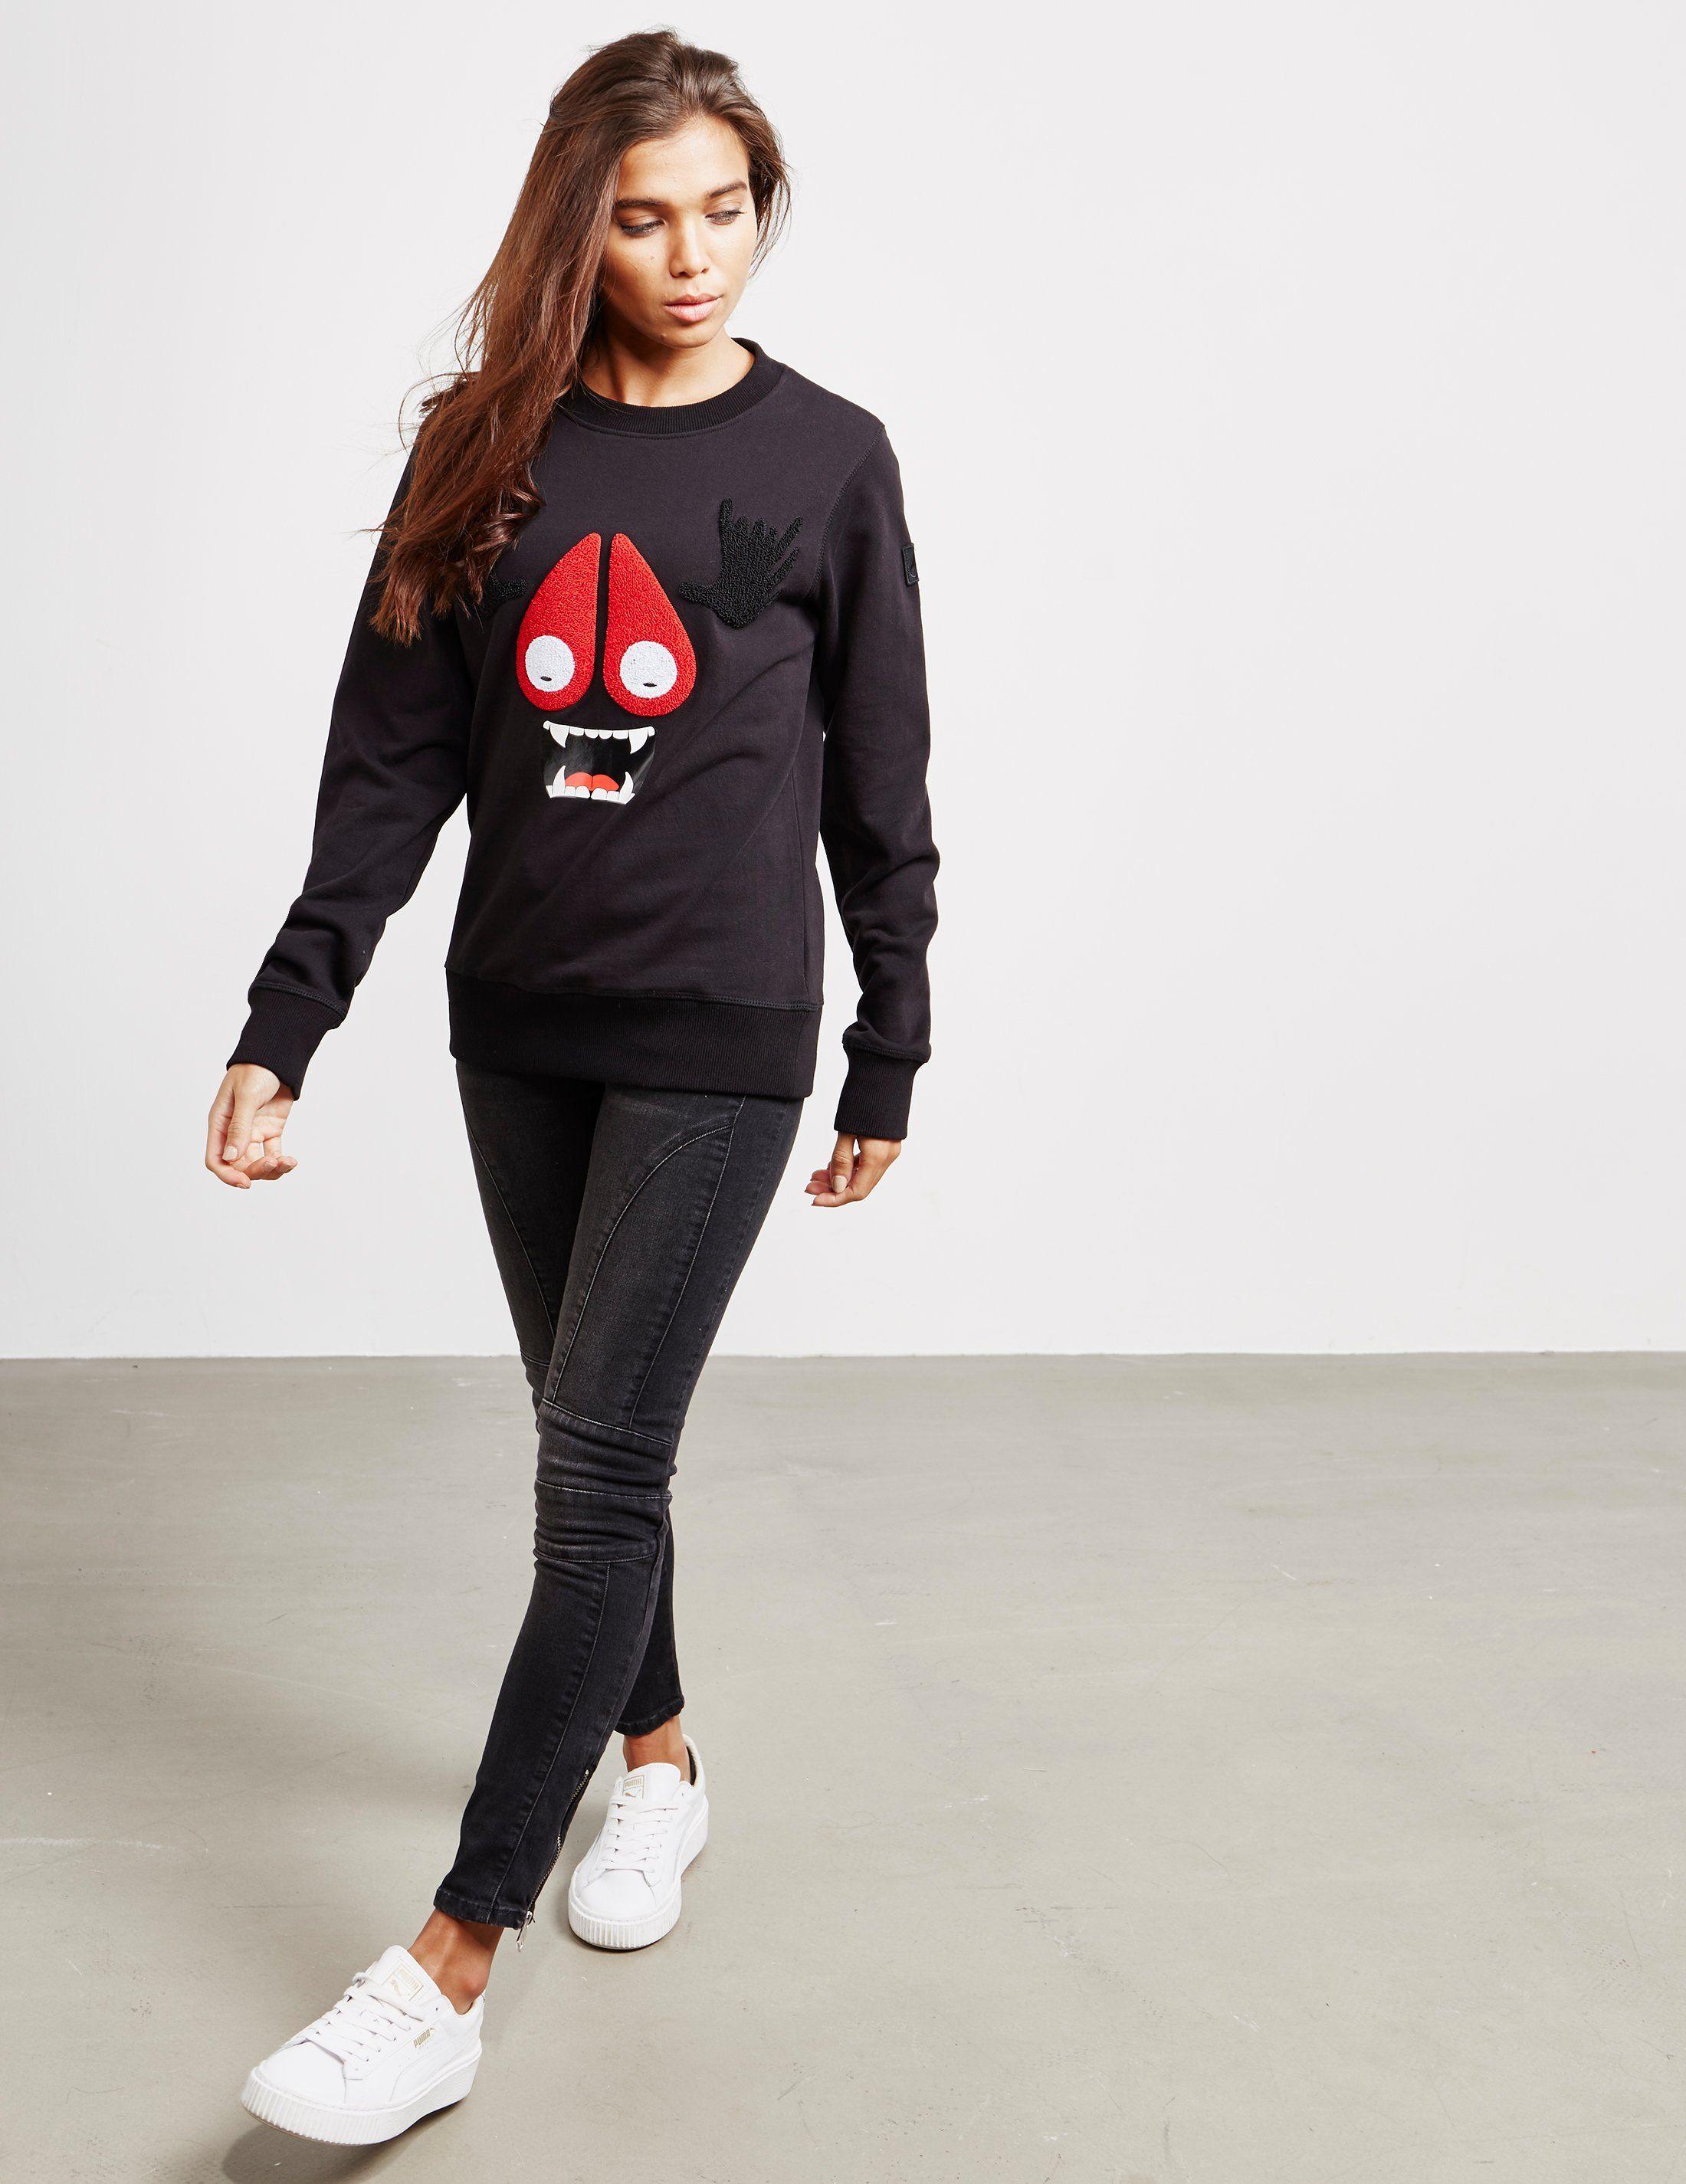 Moose Knuckles Monster Sweatshirt